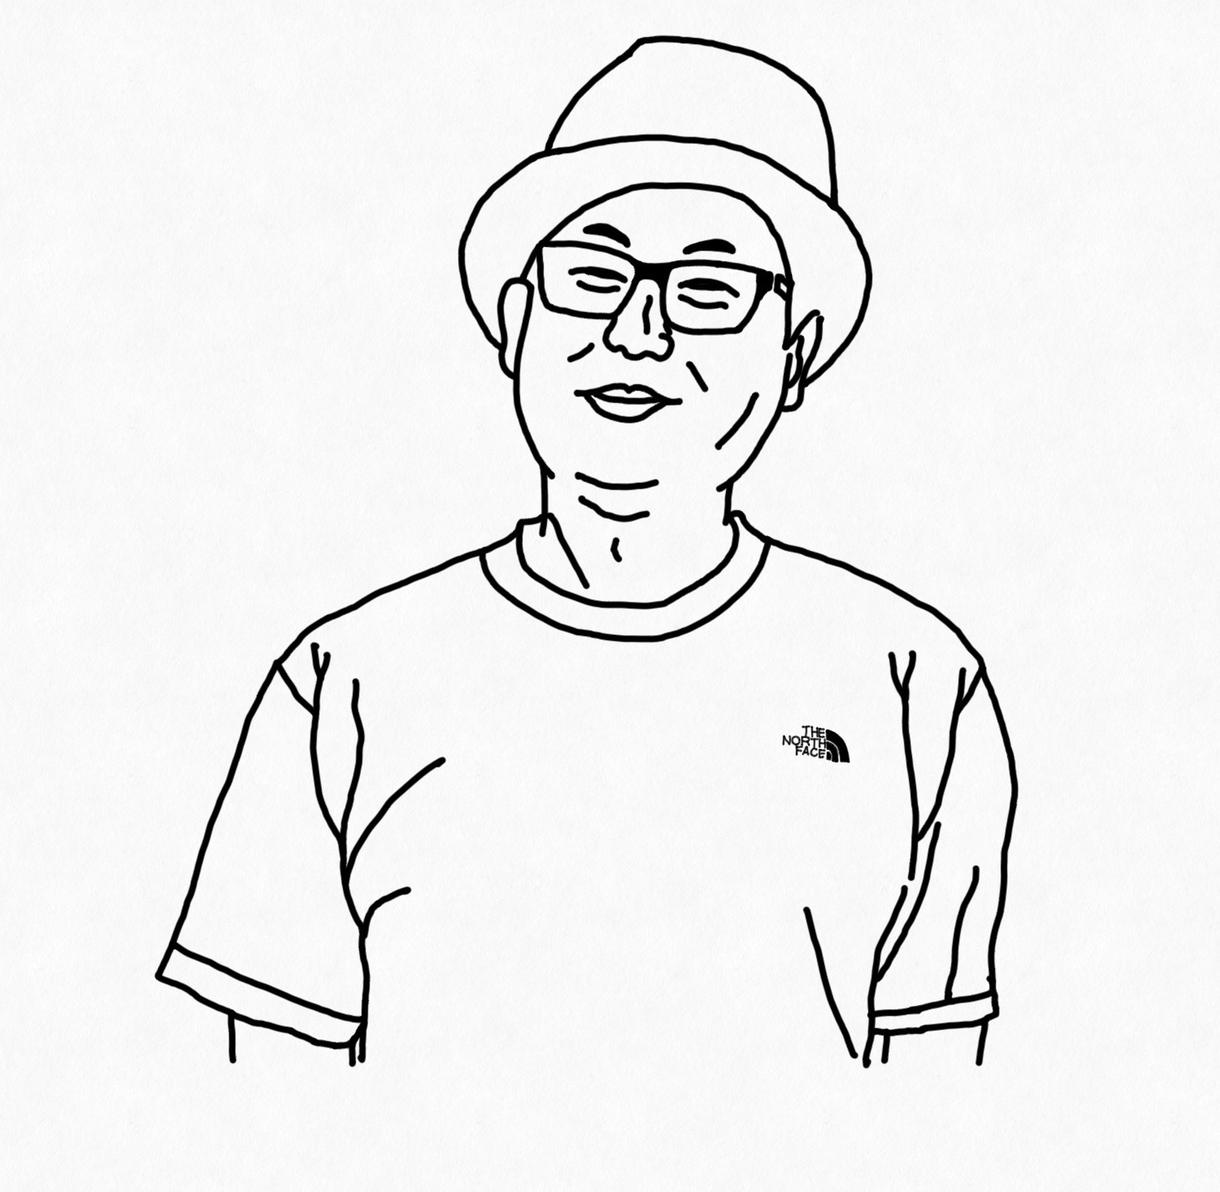 シンプルでオシャレな似顔絵を描きます お顔の写真さえ頂ければ一人1000円で描きます!